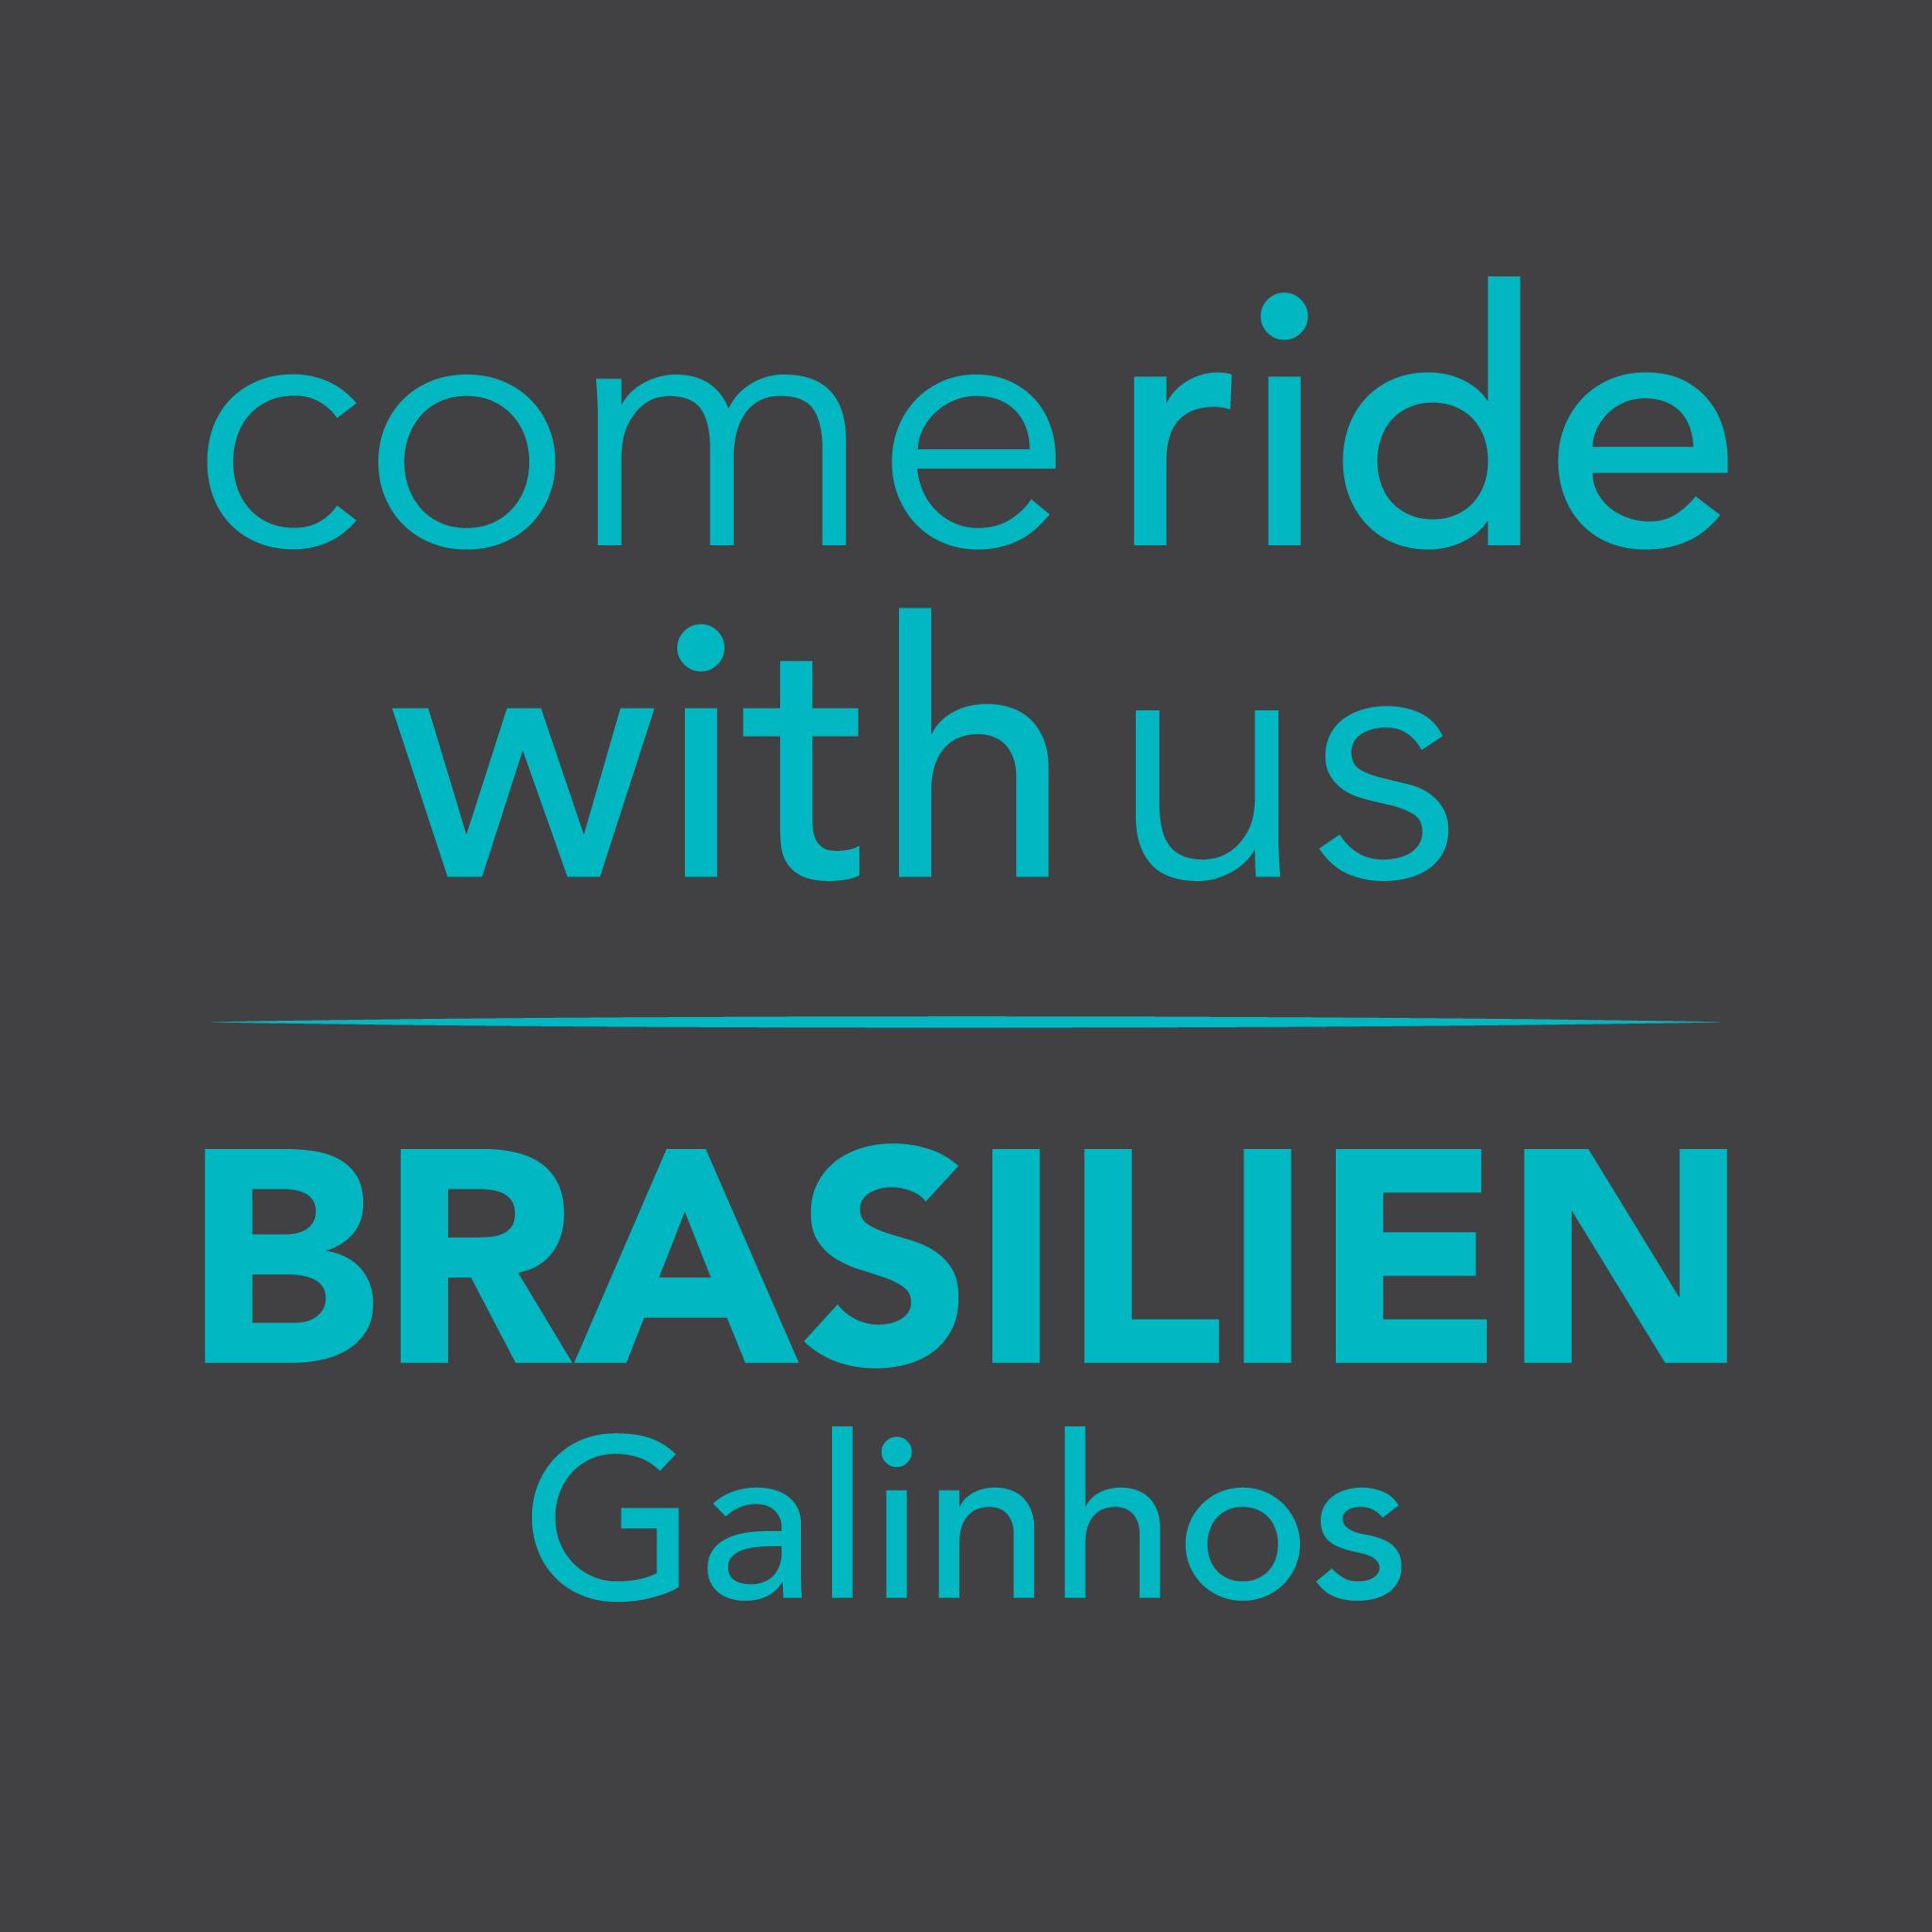 COME RIDE WITH US Galinhos 01.11.18 - 23.11.18 BRASIL